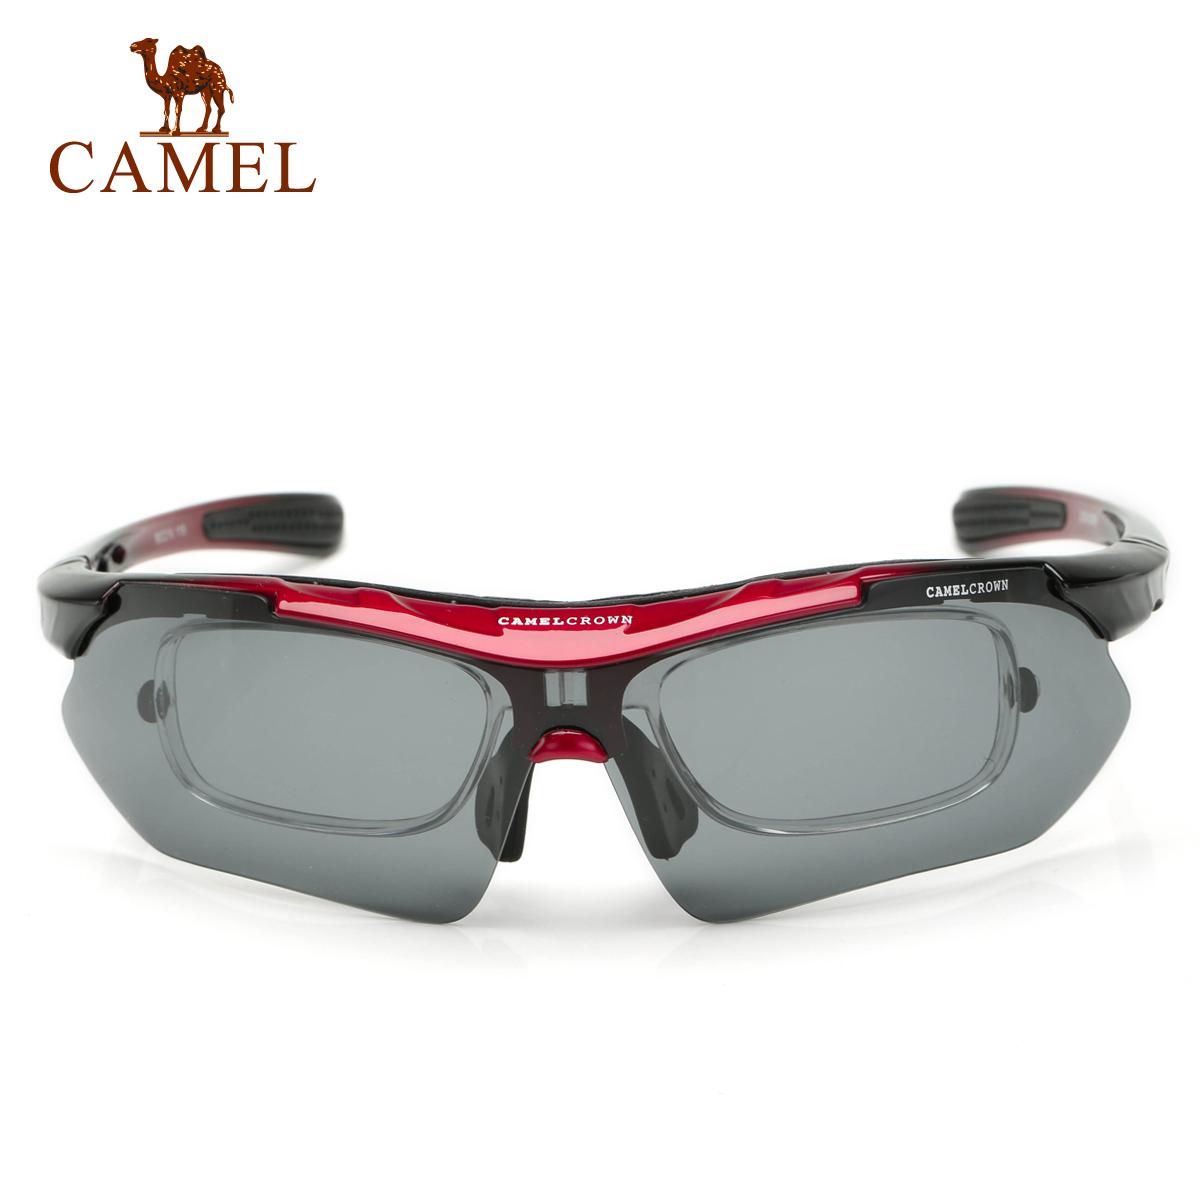 骆驼户外骑行旅游眼镜 可配近视偏光太阳眼镜男